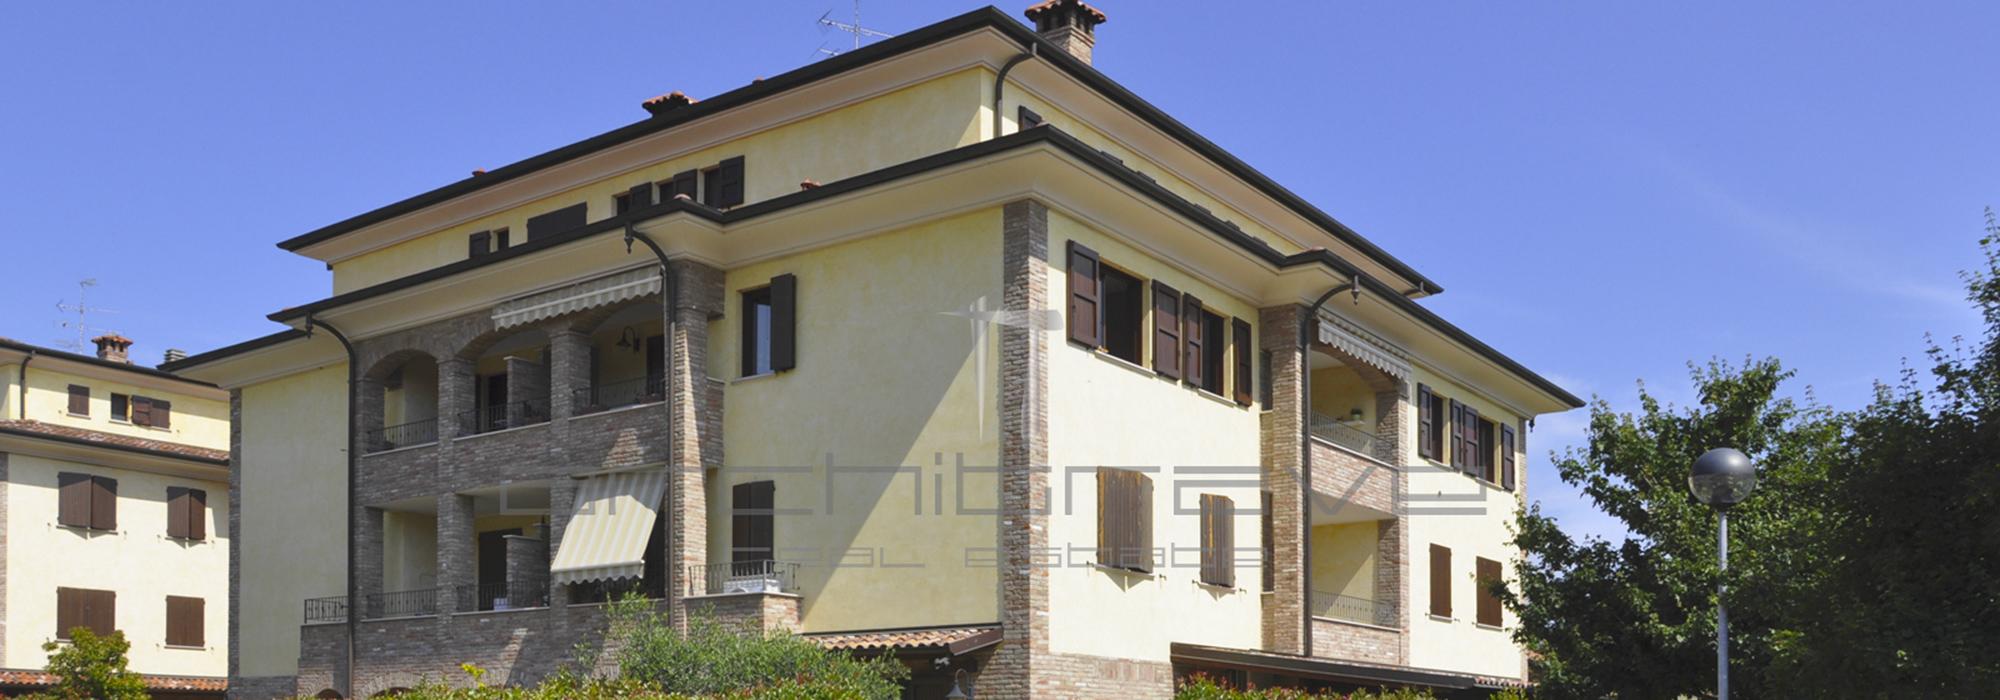 Appartamento a Formigine – Rif 620